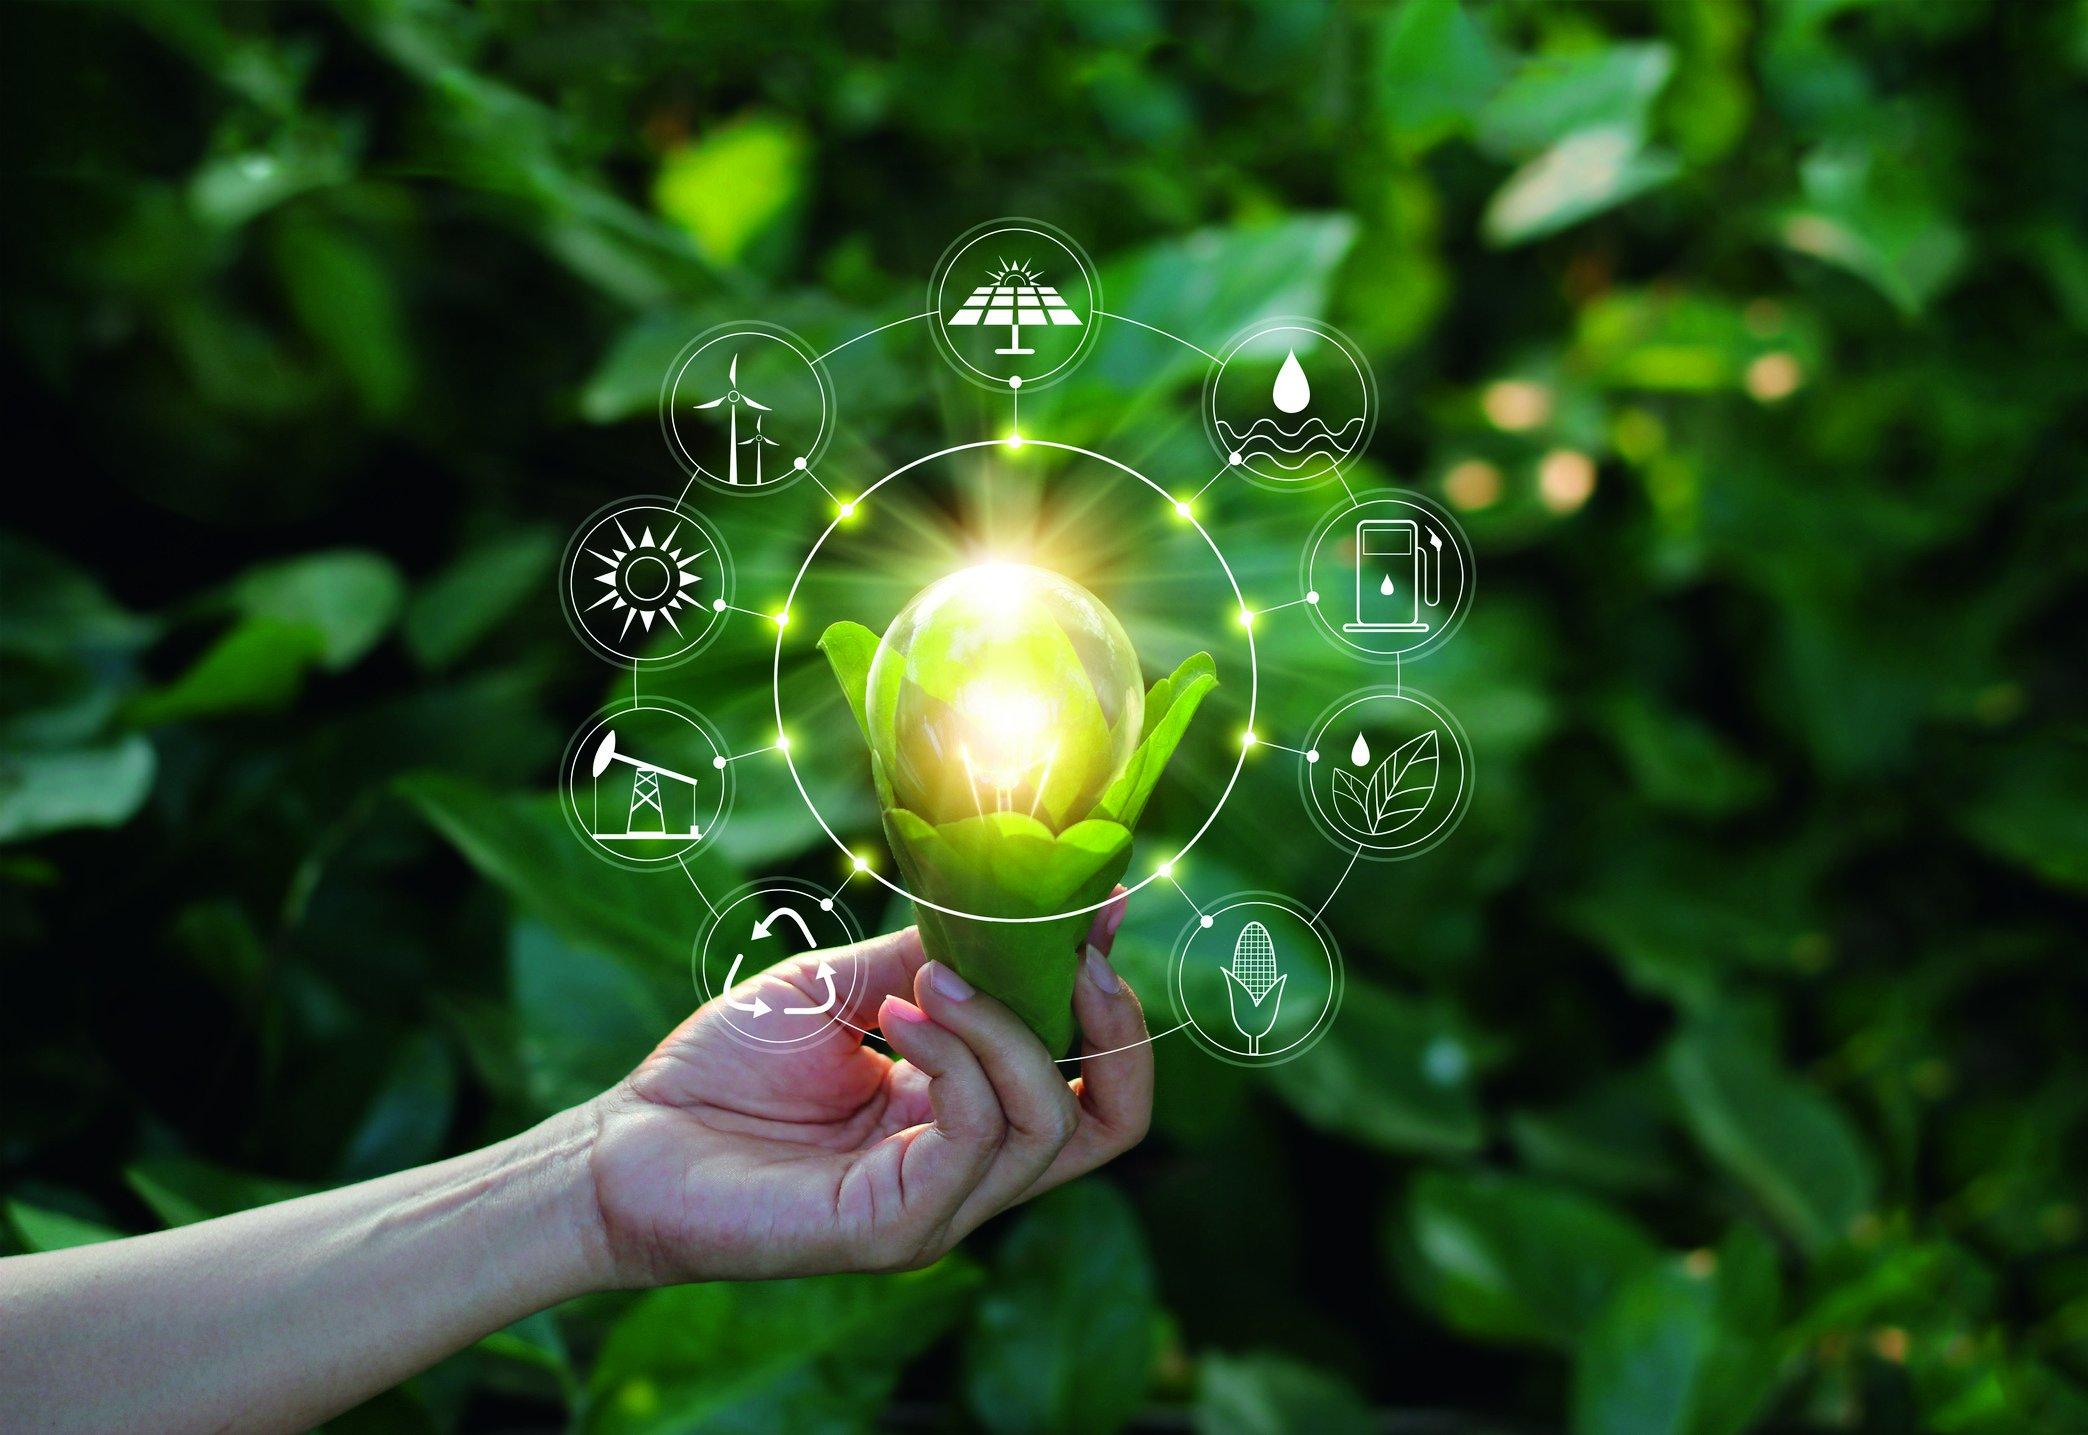 Rohdaten, die durch Millionen von Sensoren erfasst werden, bilden die Grundlage für Energieeffizienz // EnOcean GmbH